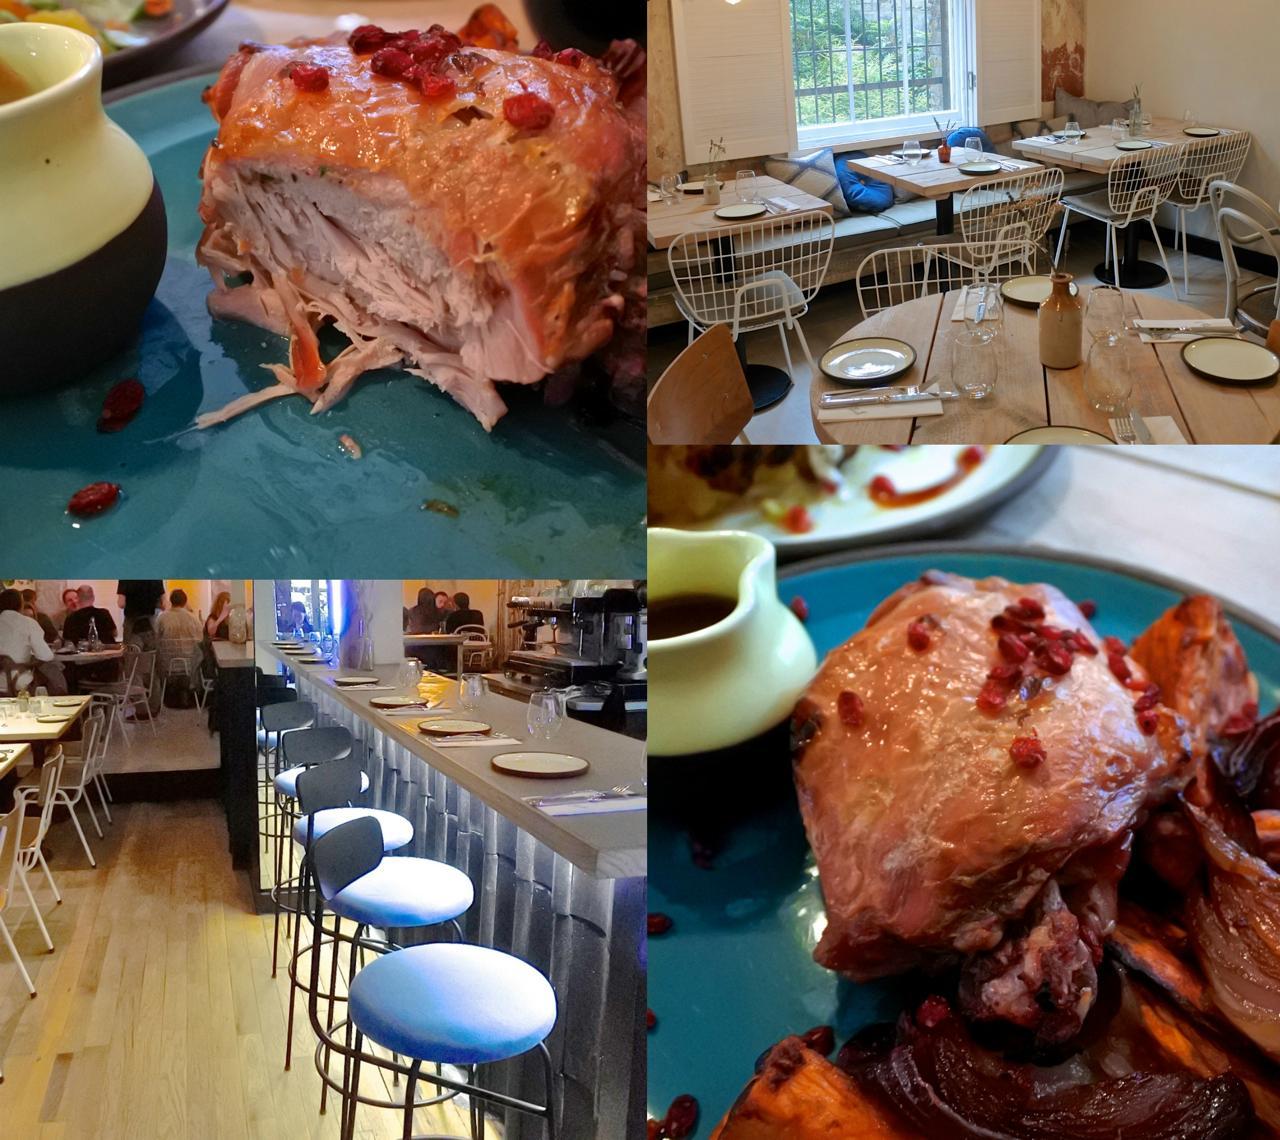 これはスロークックしたもも肉だったと思うのですが・・・肉がとっても柔らかなのです。美味しかった☆